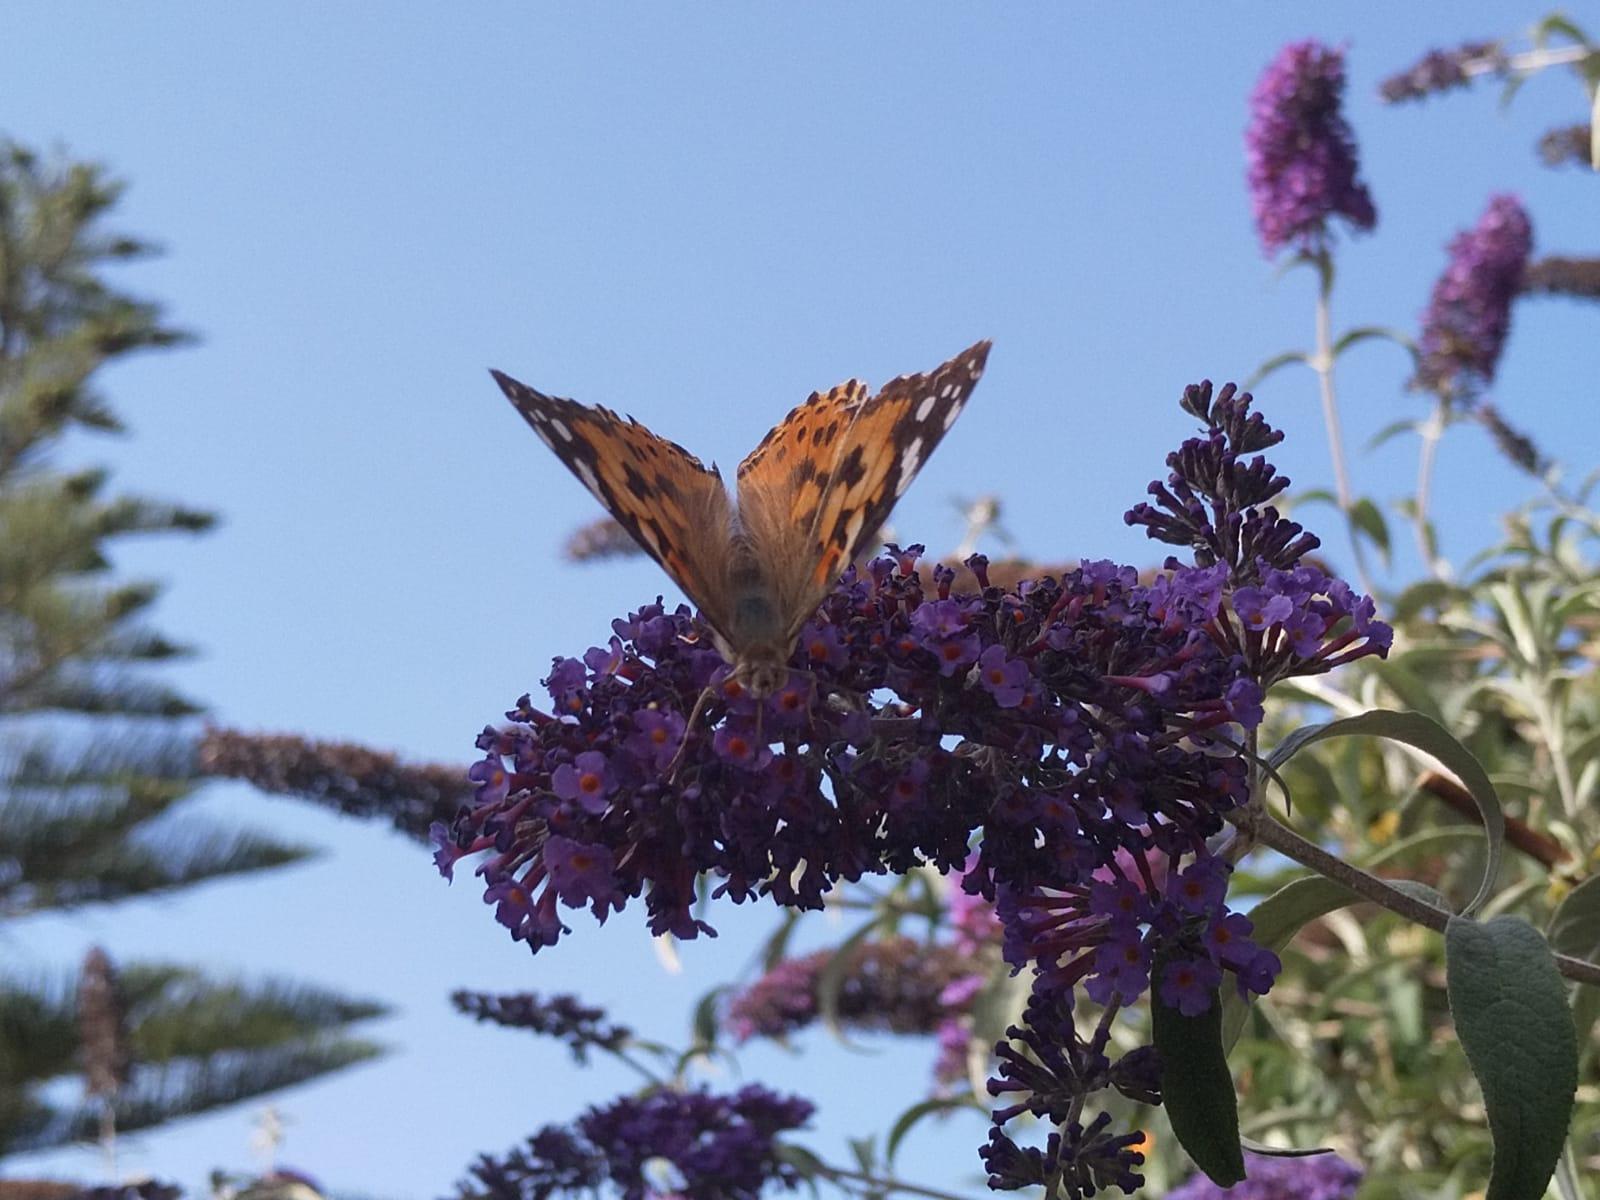 De Fleurs Et D Insectes De Flores E Insectos Espaces Instants